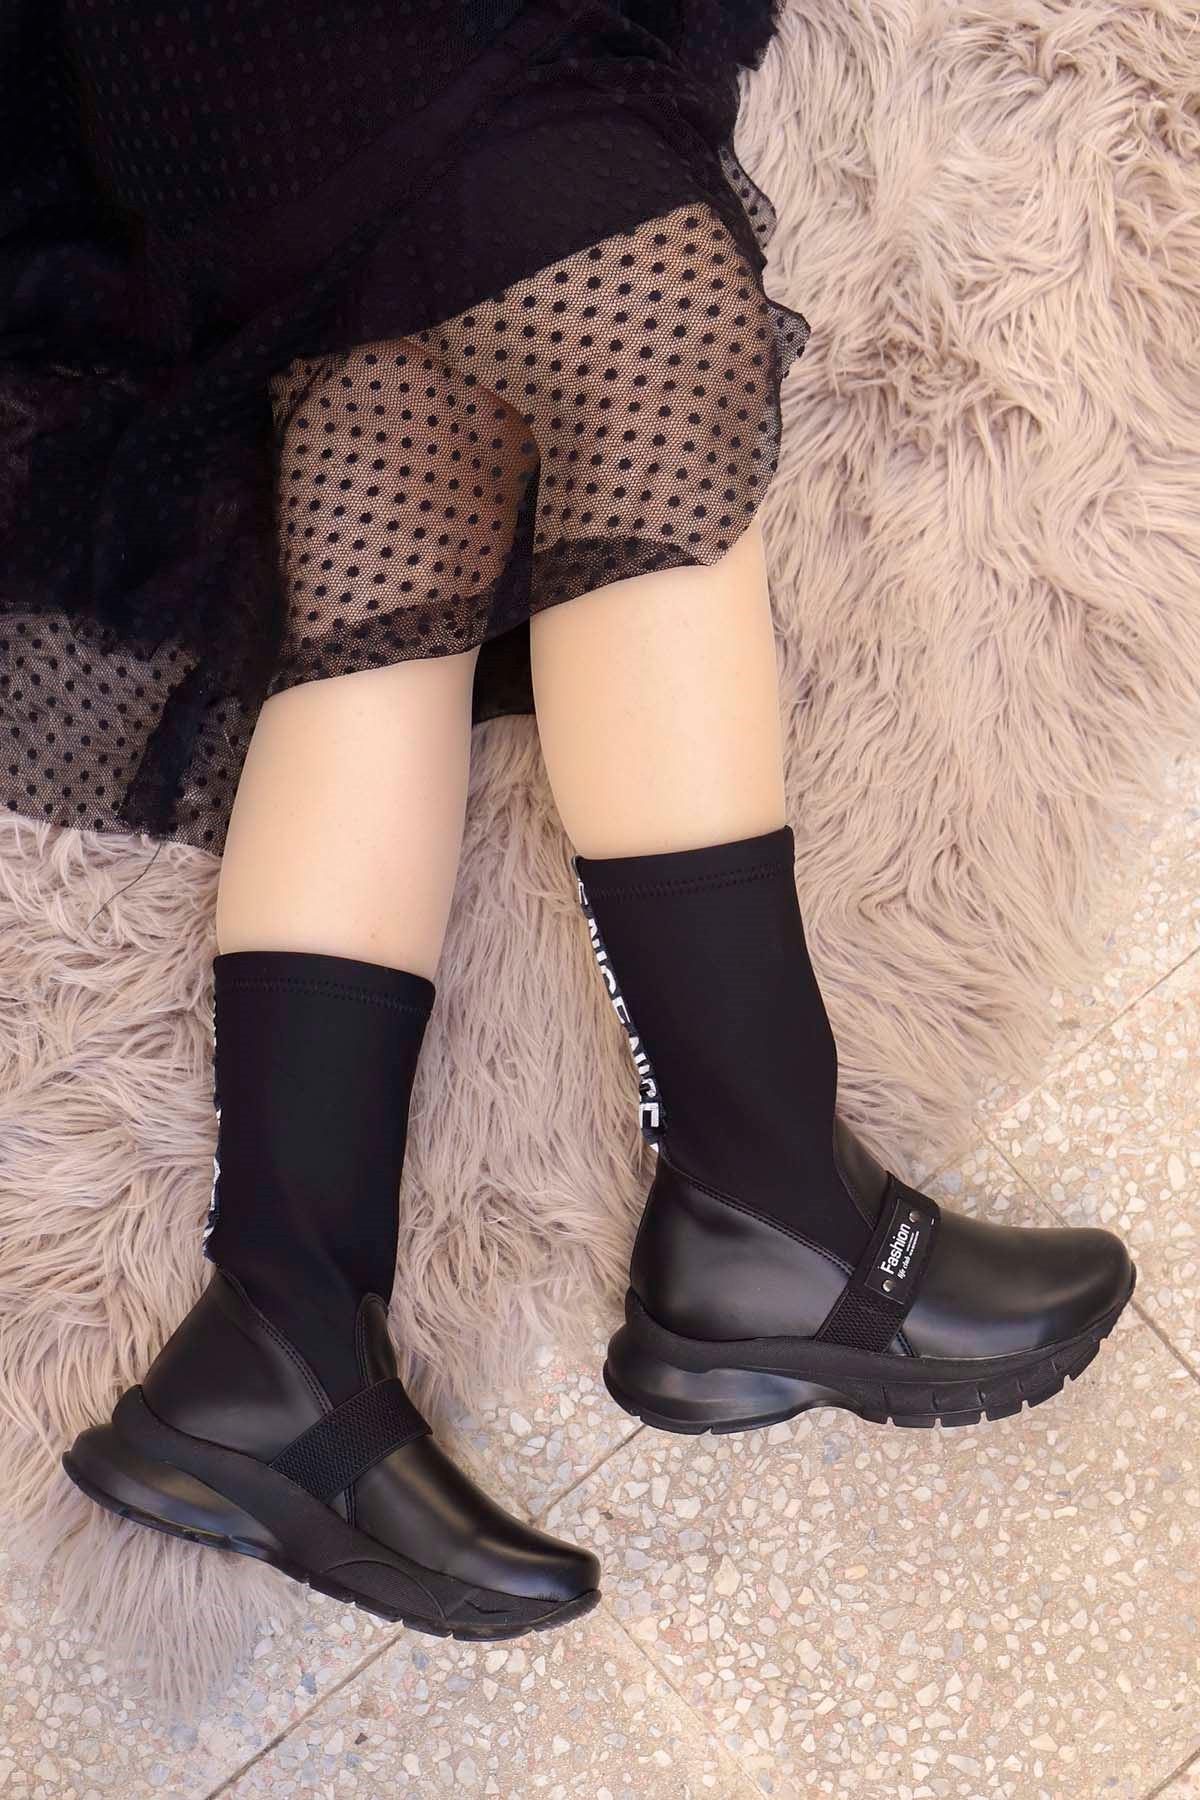 mami-303 Fashion Streç Çorap Bot-Siyah